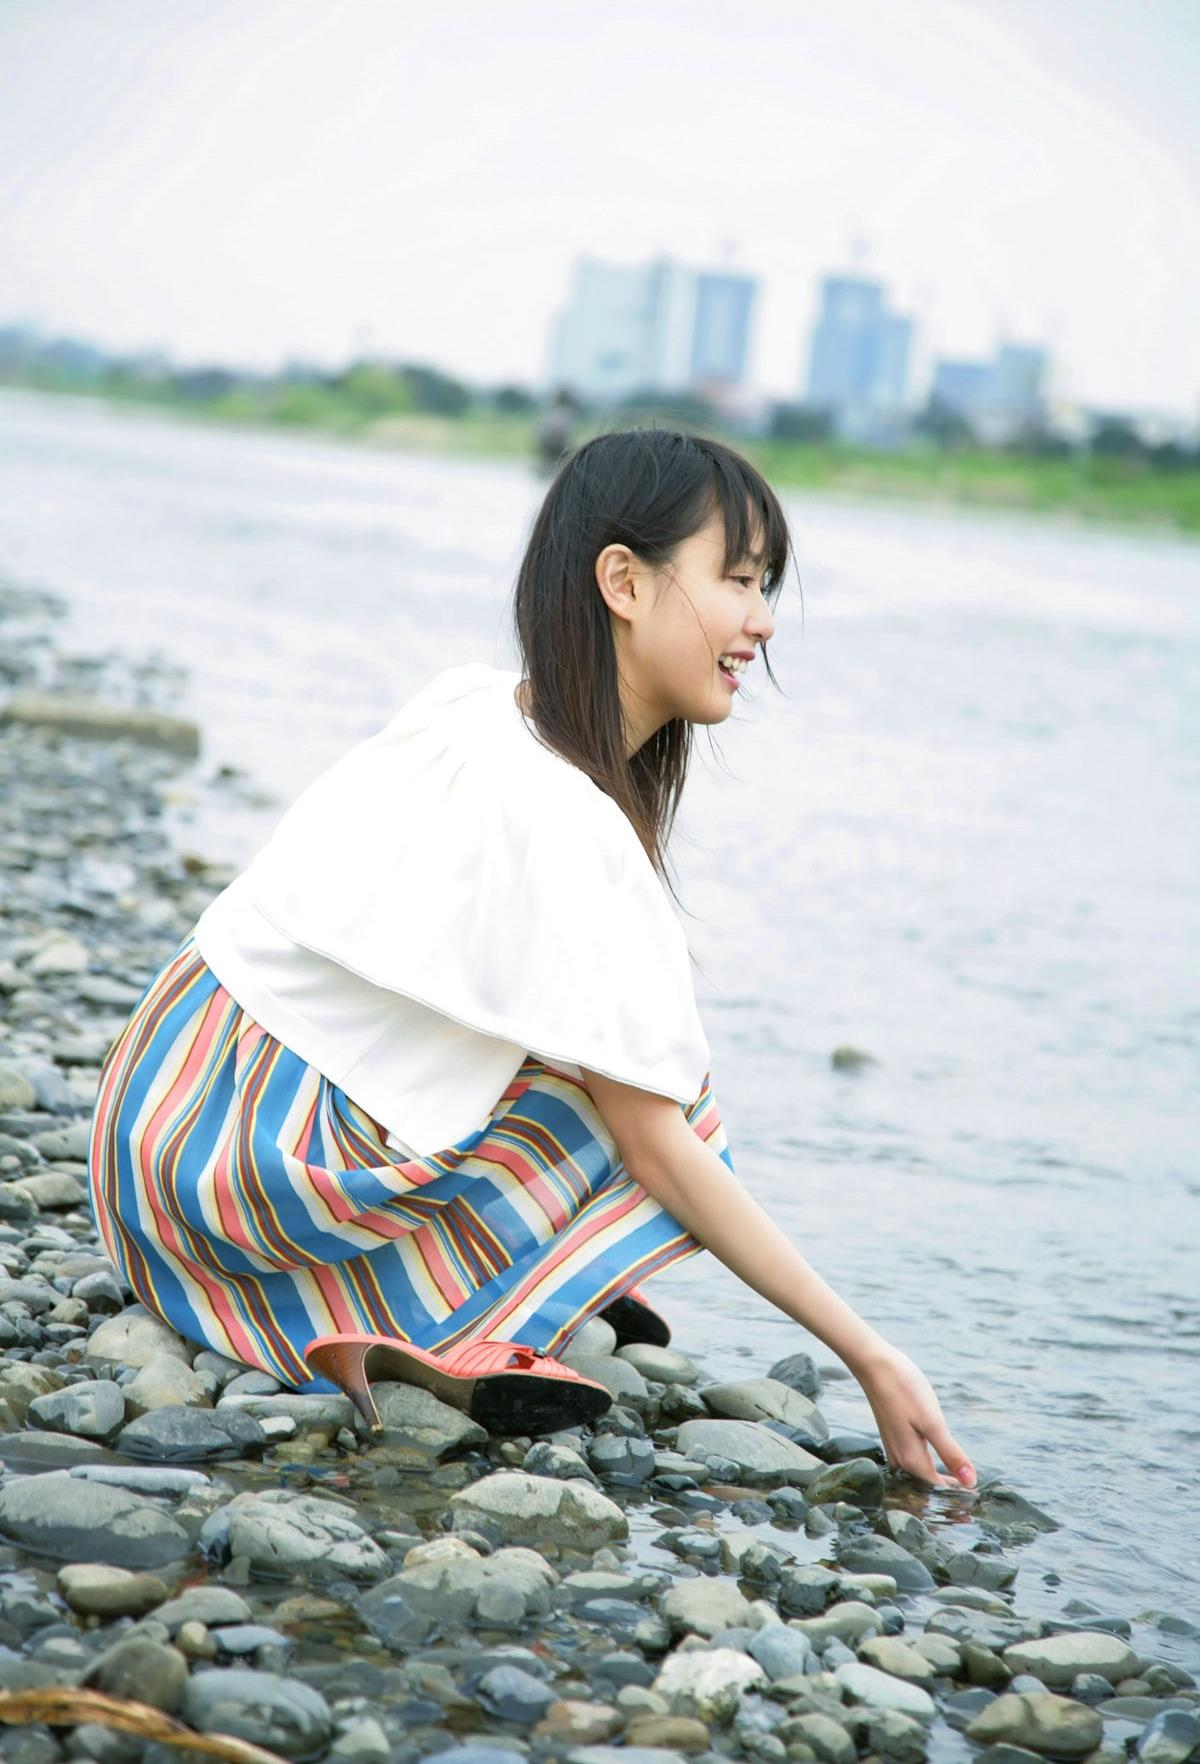 戸田恵梨香 エロ画像 82